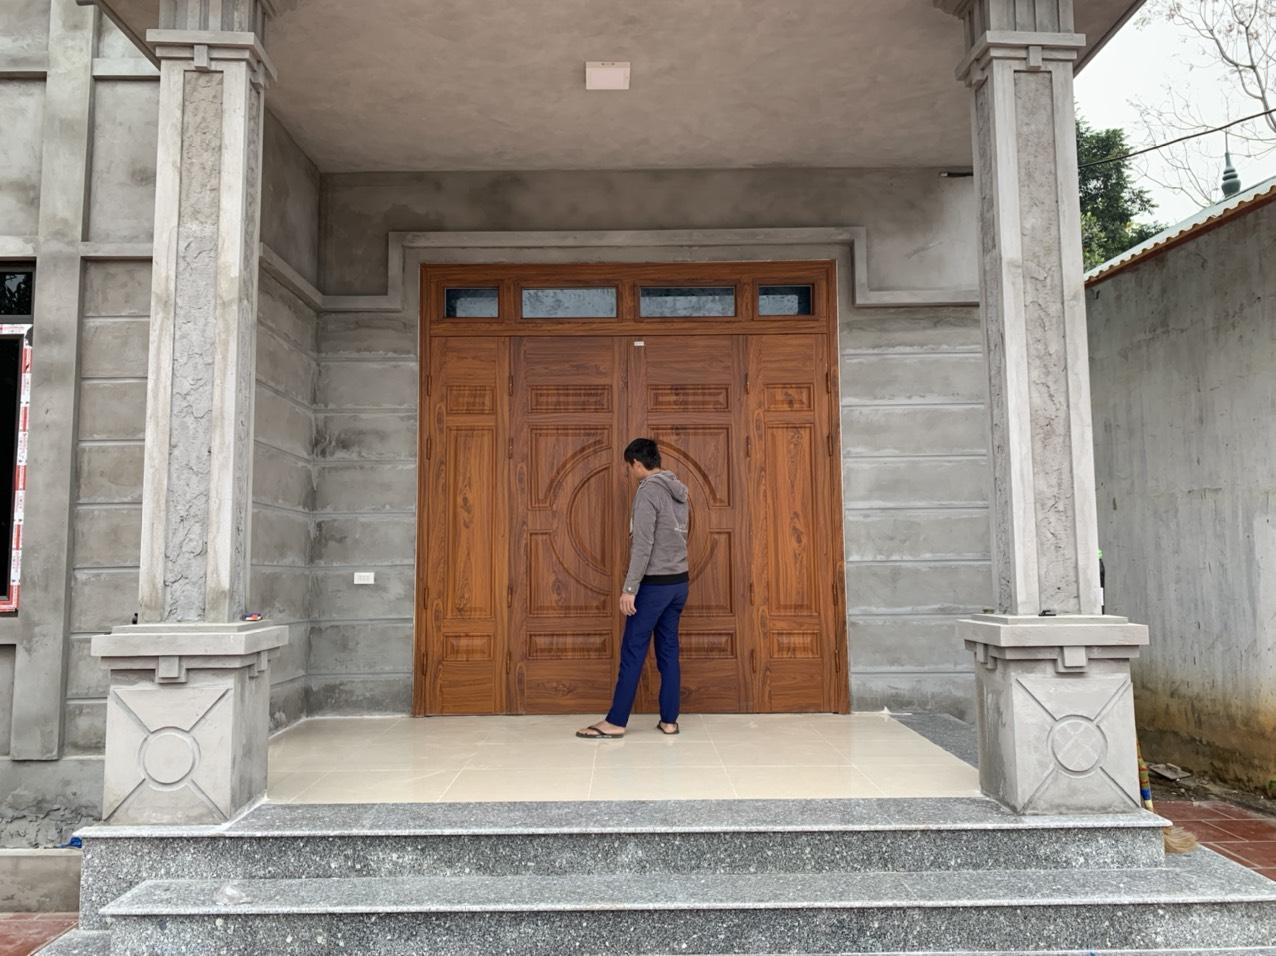 Lý do bạn nên chọn cửa thép vân gỗ Hải phòng?